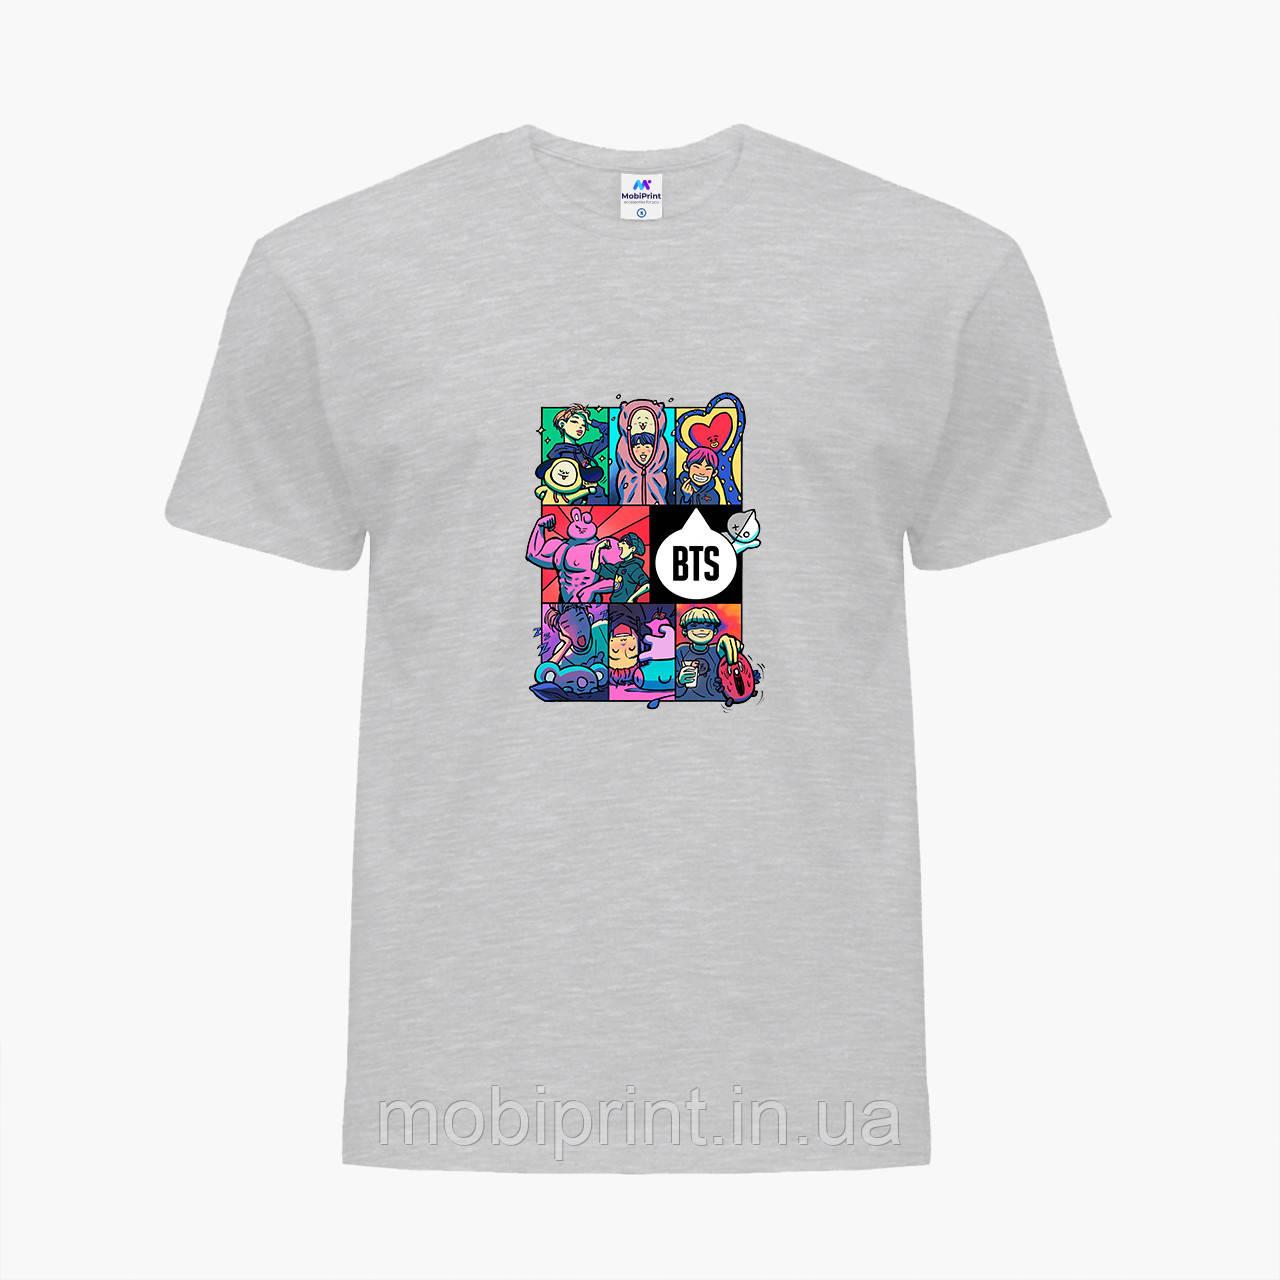 Детская футболка для девочек БТС (BTS) (25186-1078) Светло-серый